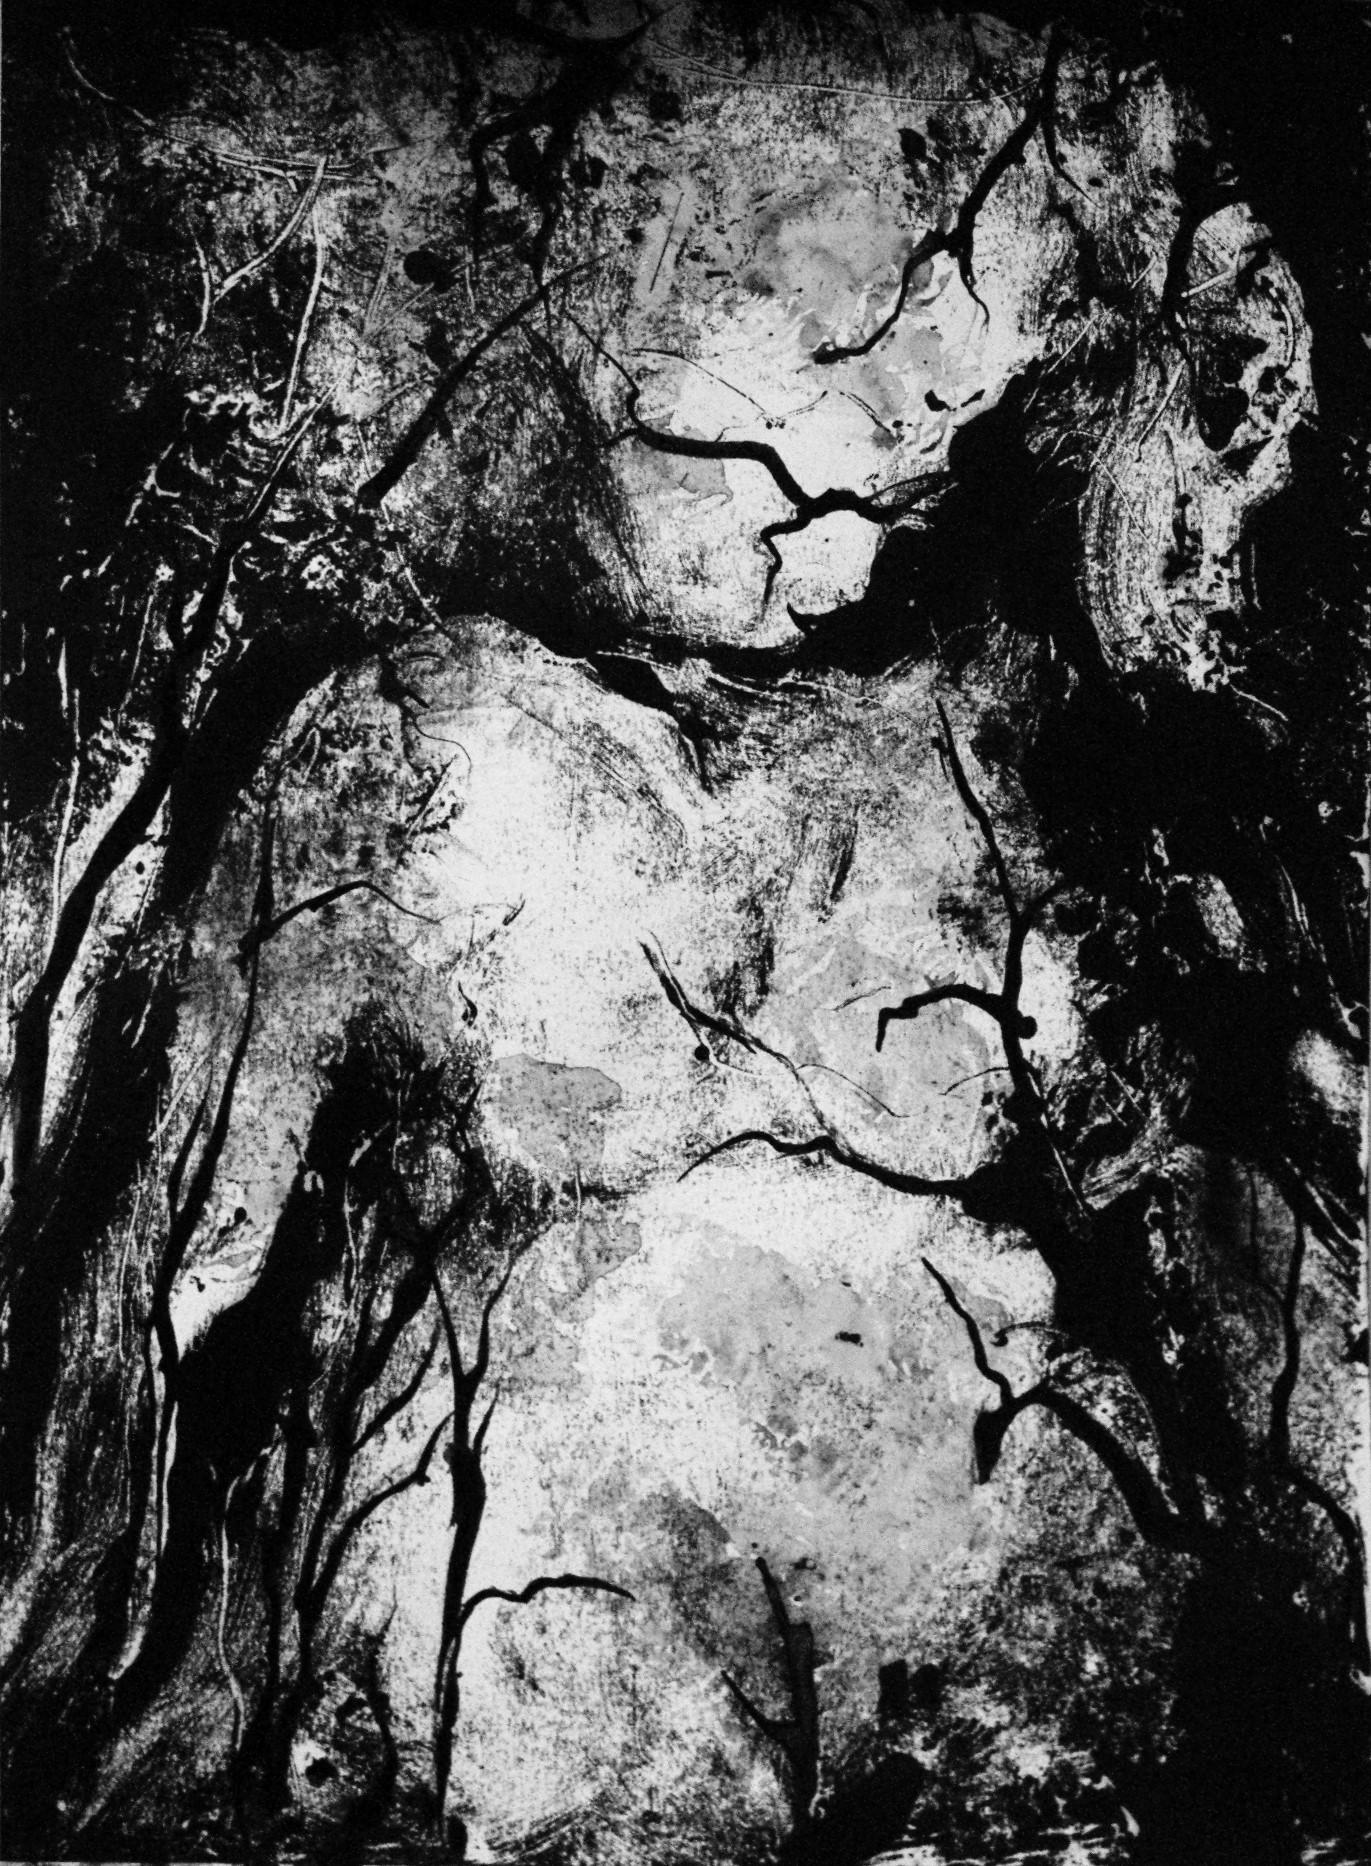 Femme 3, Monotype encre, 30x40 cm, 2018